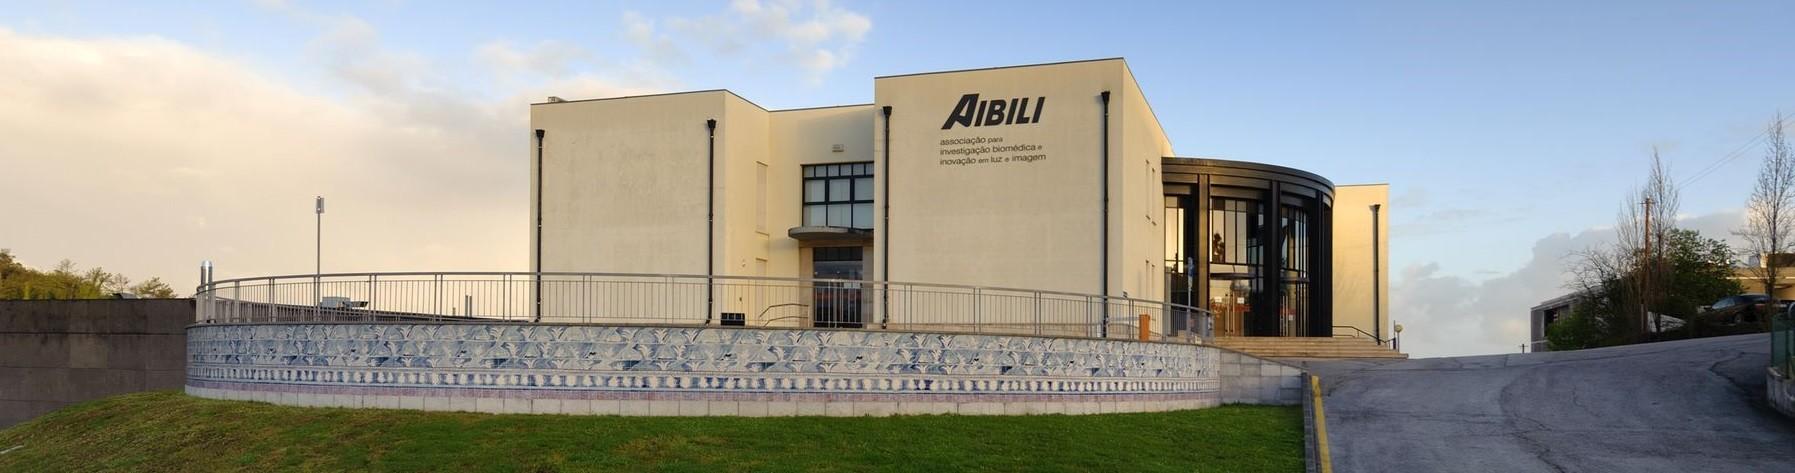 """Imagem da notícia: """"Demonstrador Tecnológico AIBILI"""" pela inovação em saúde"""